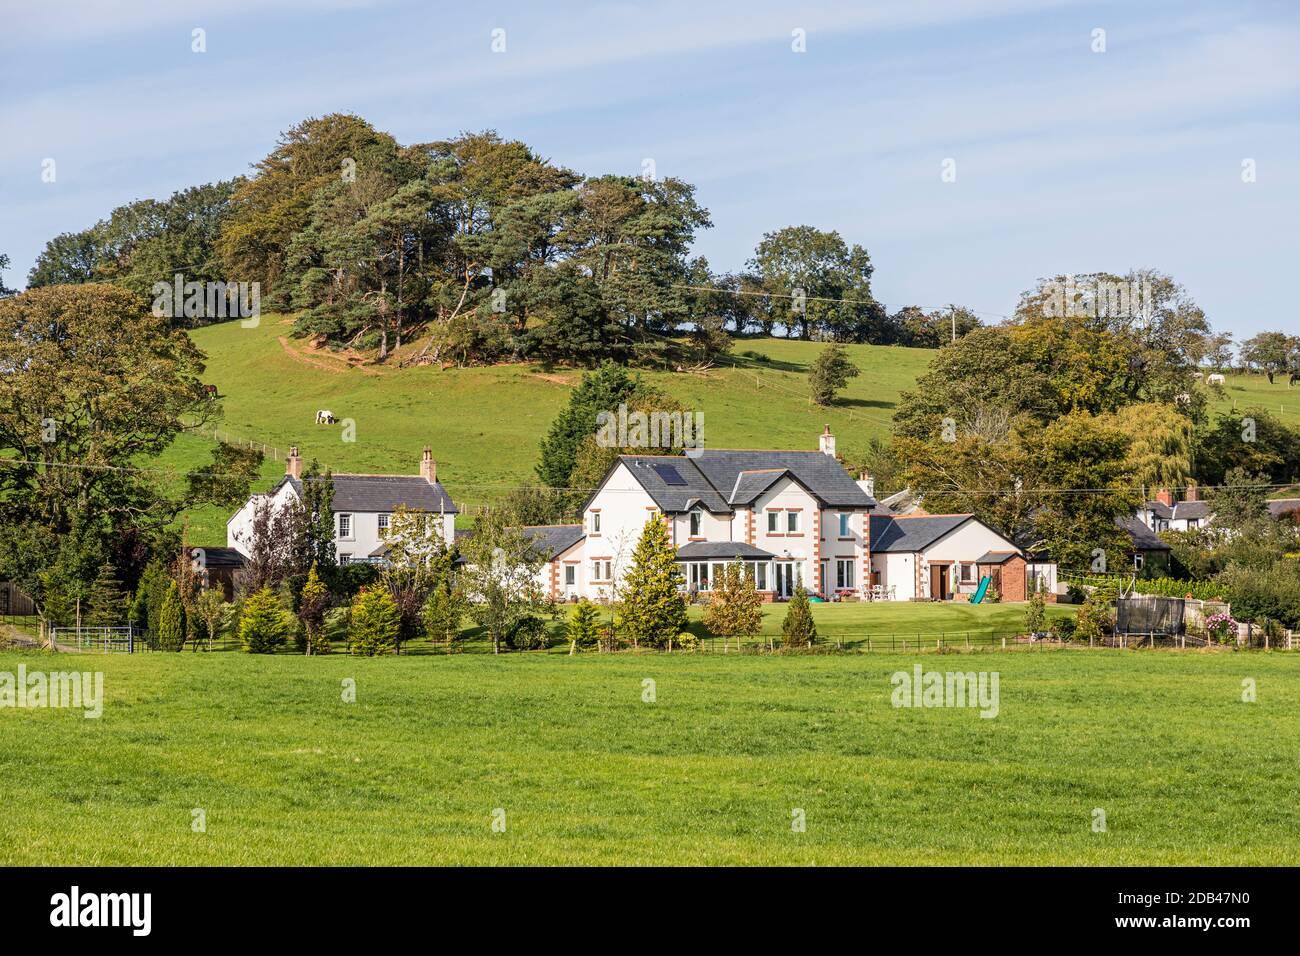 The village of Irthington, Cumbria UK Stock Photo